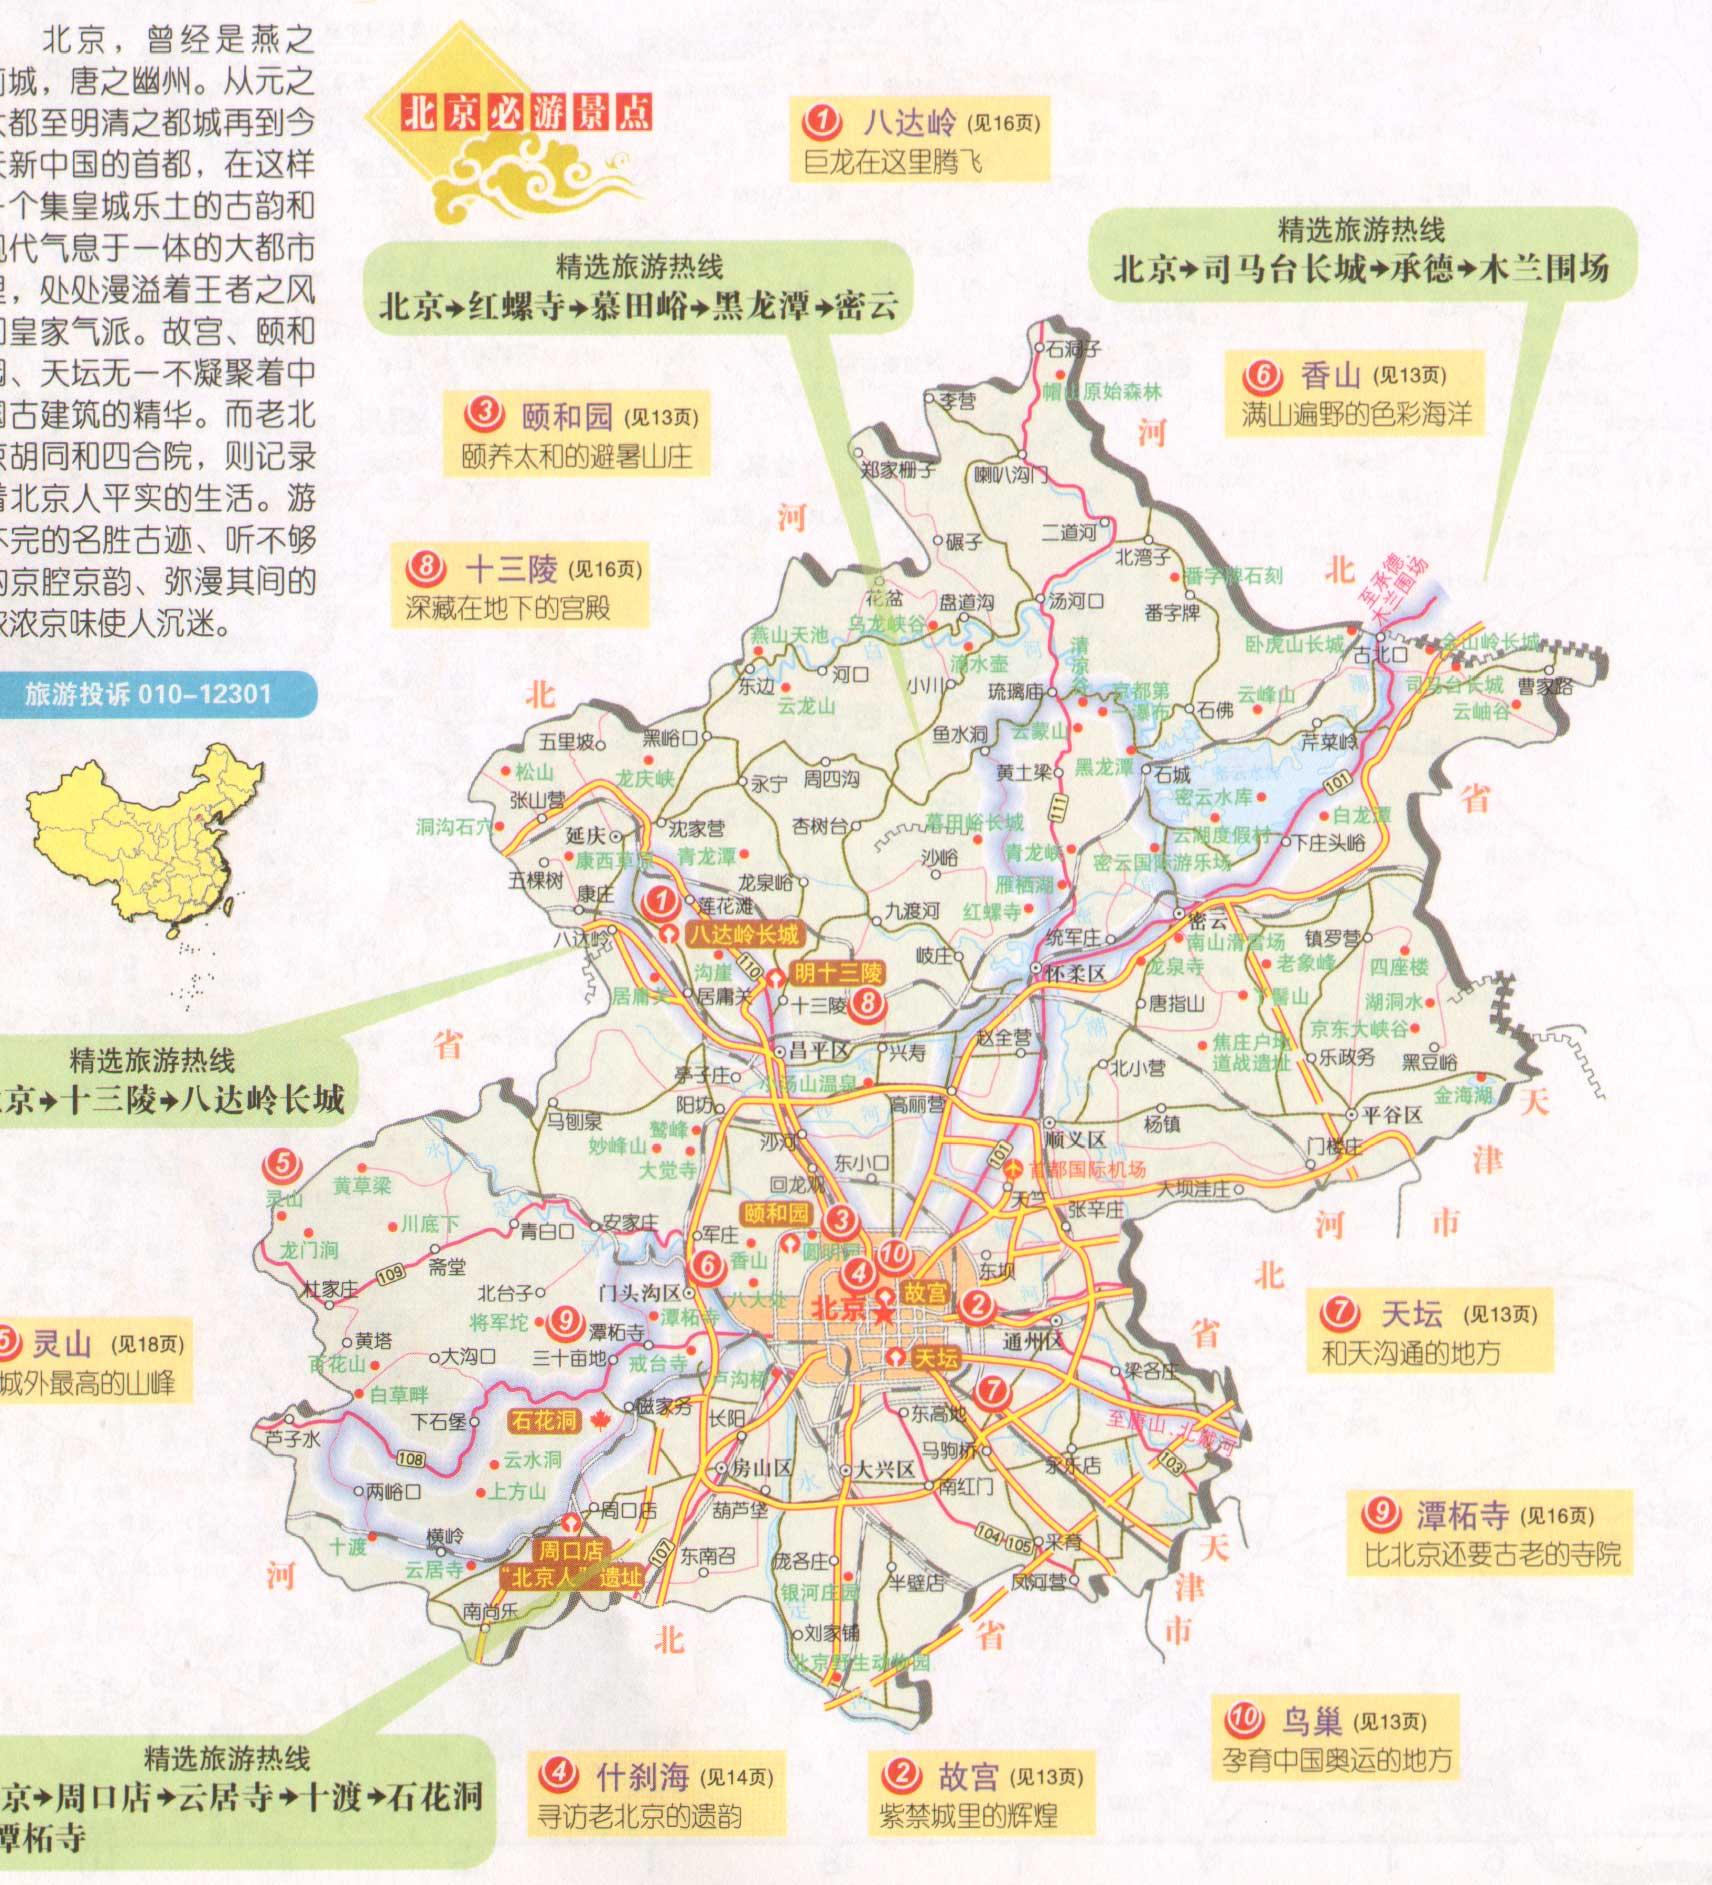 北京必游旅游景点_北京地图查询